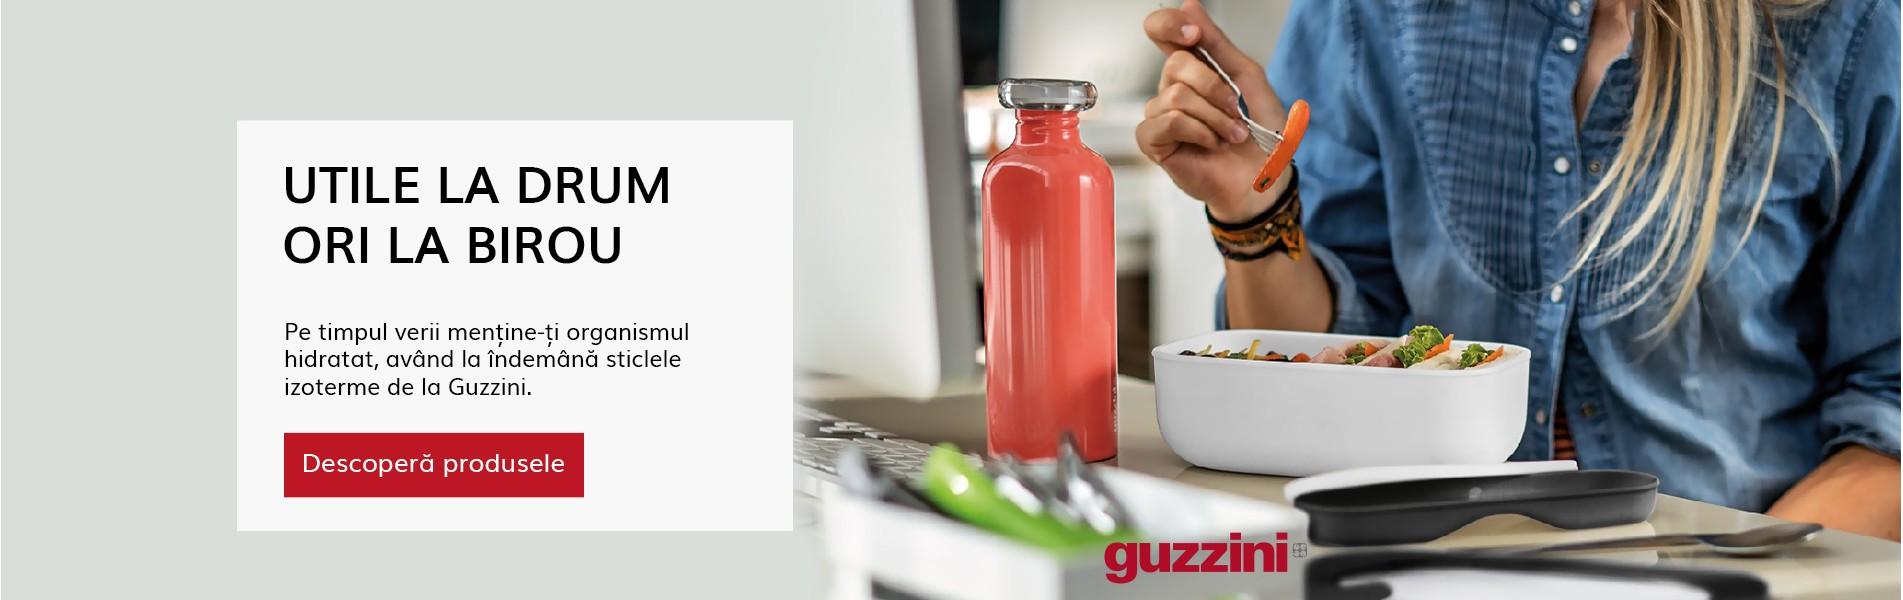 Sticle izoterme Guzzini